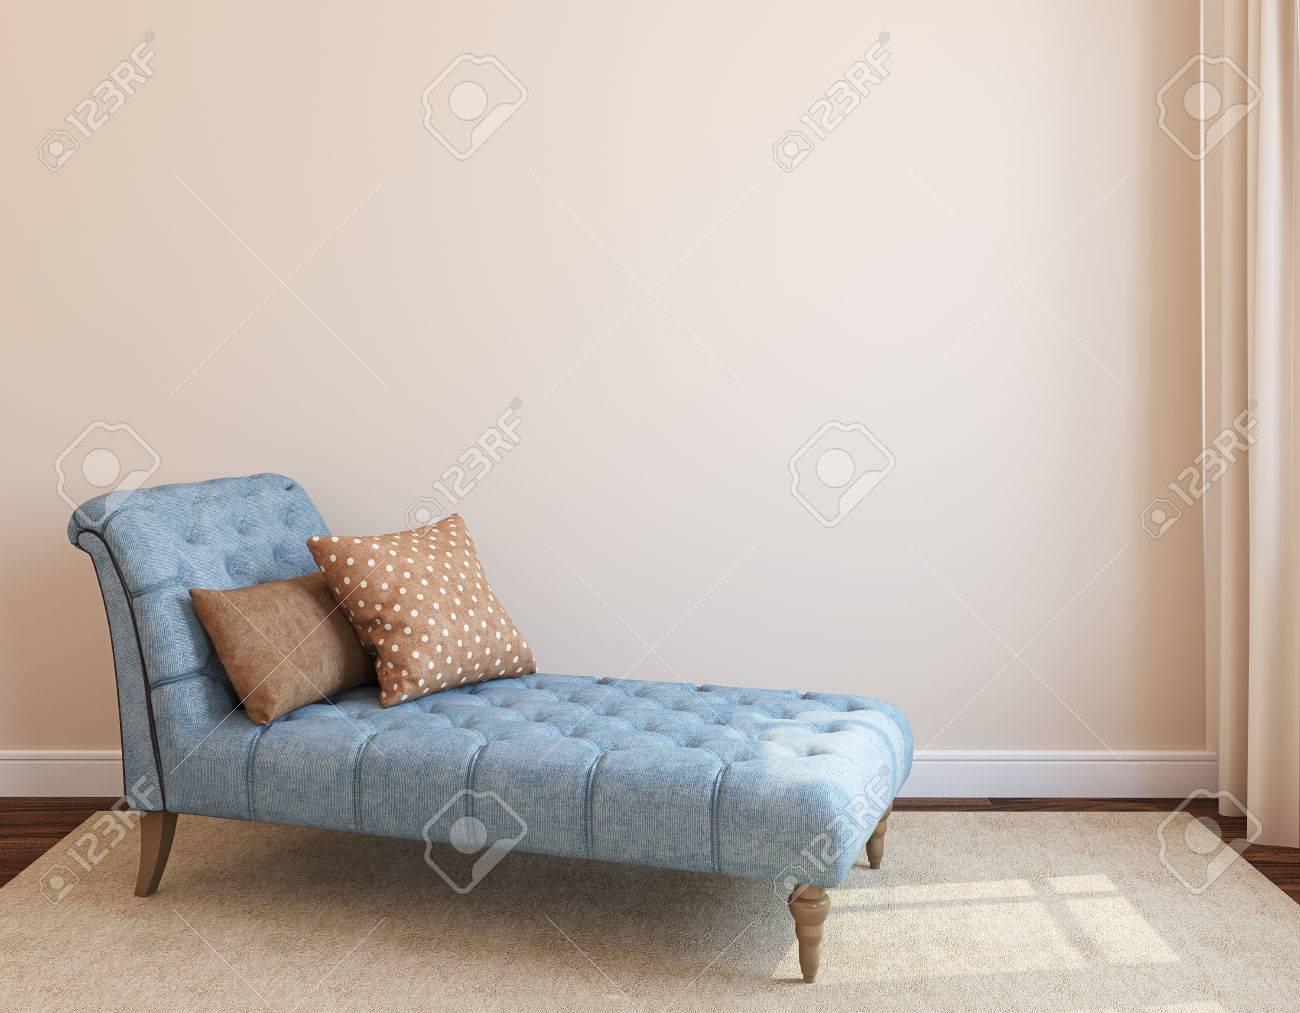 Moderne Wohnzimmer Interieur Mit Weißen Couch In Der Nähe Leer Beige Wand.  3D Darstellung